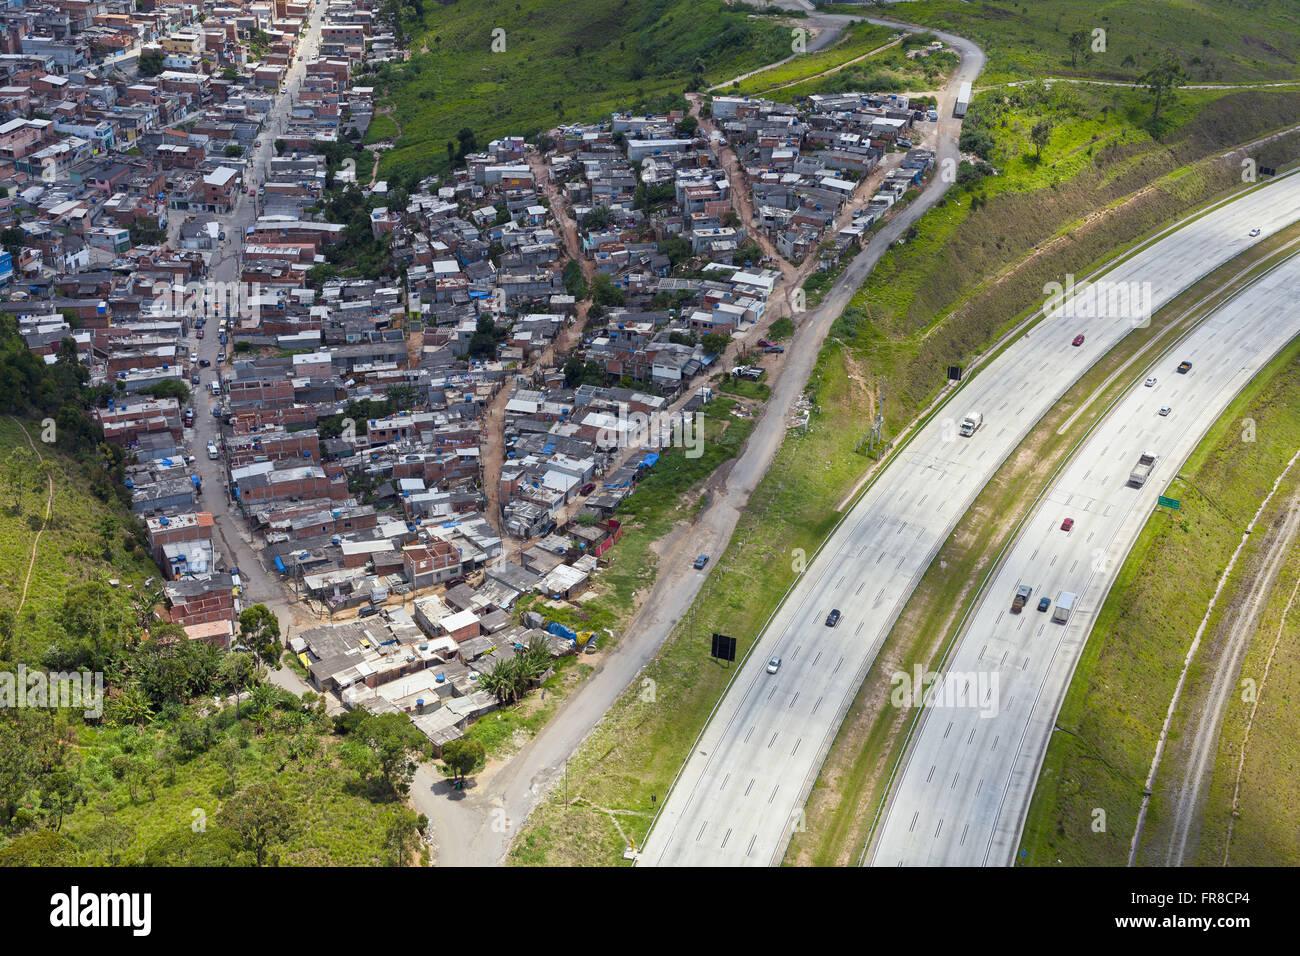 Vista aérea del barrio Rincón humilde Mario Covas con SP-021 en el fondo Imagen De Stock